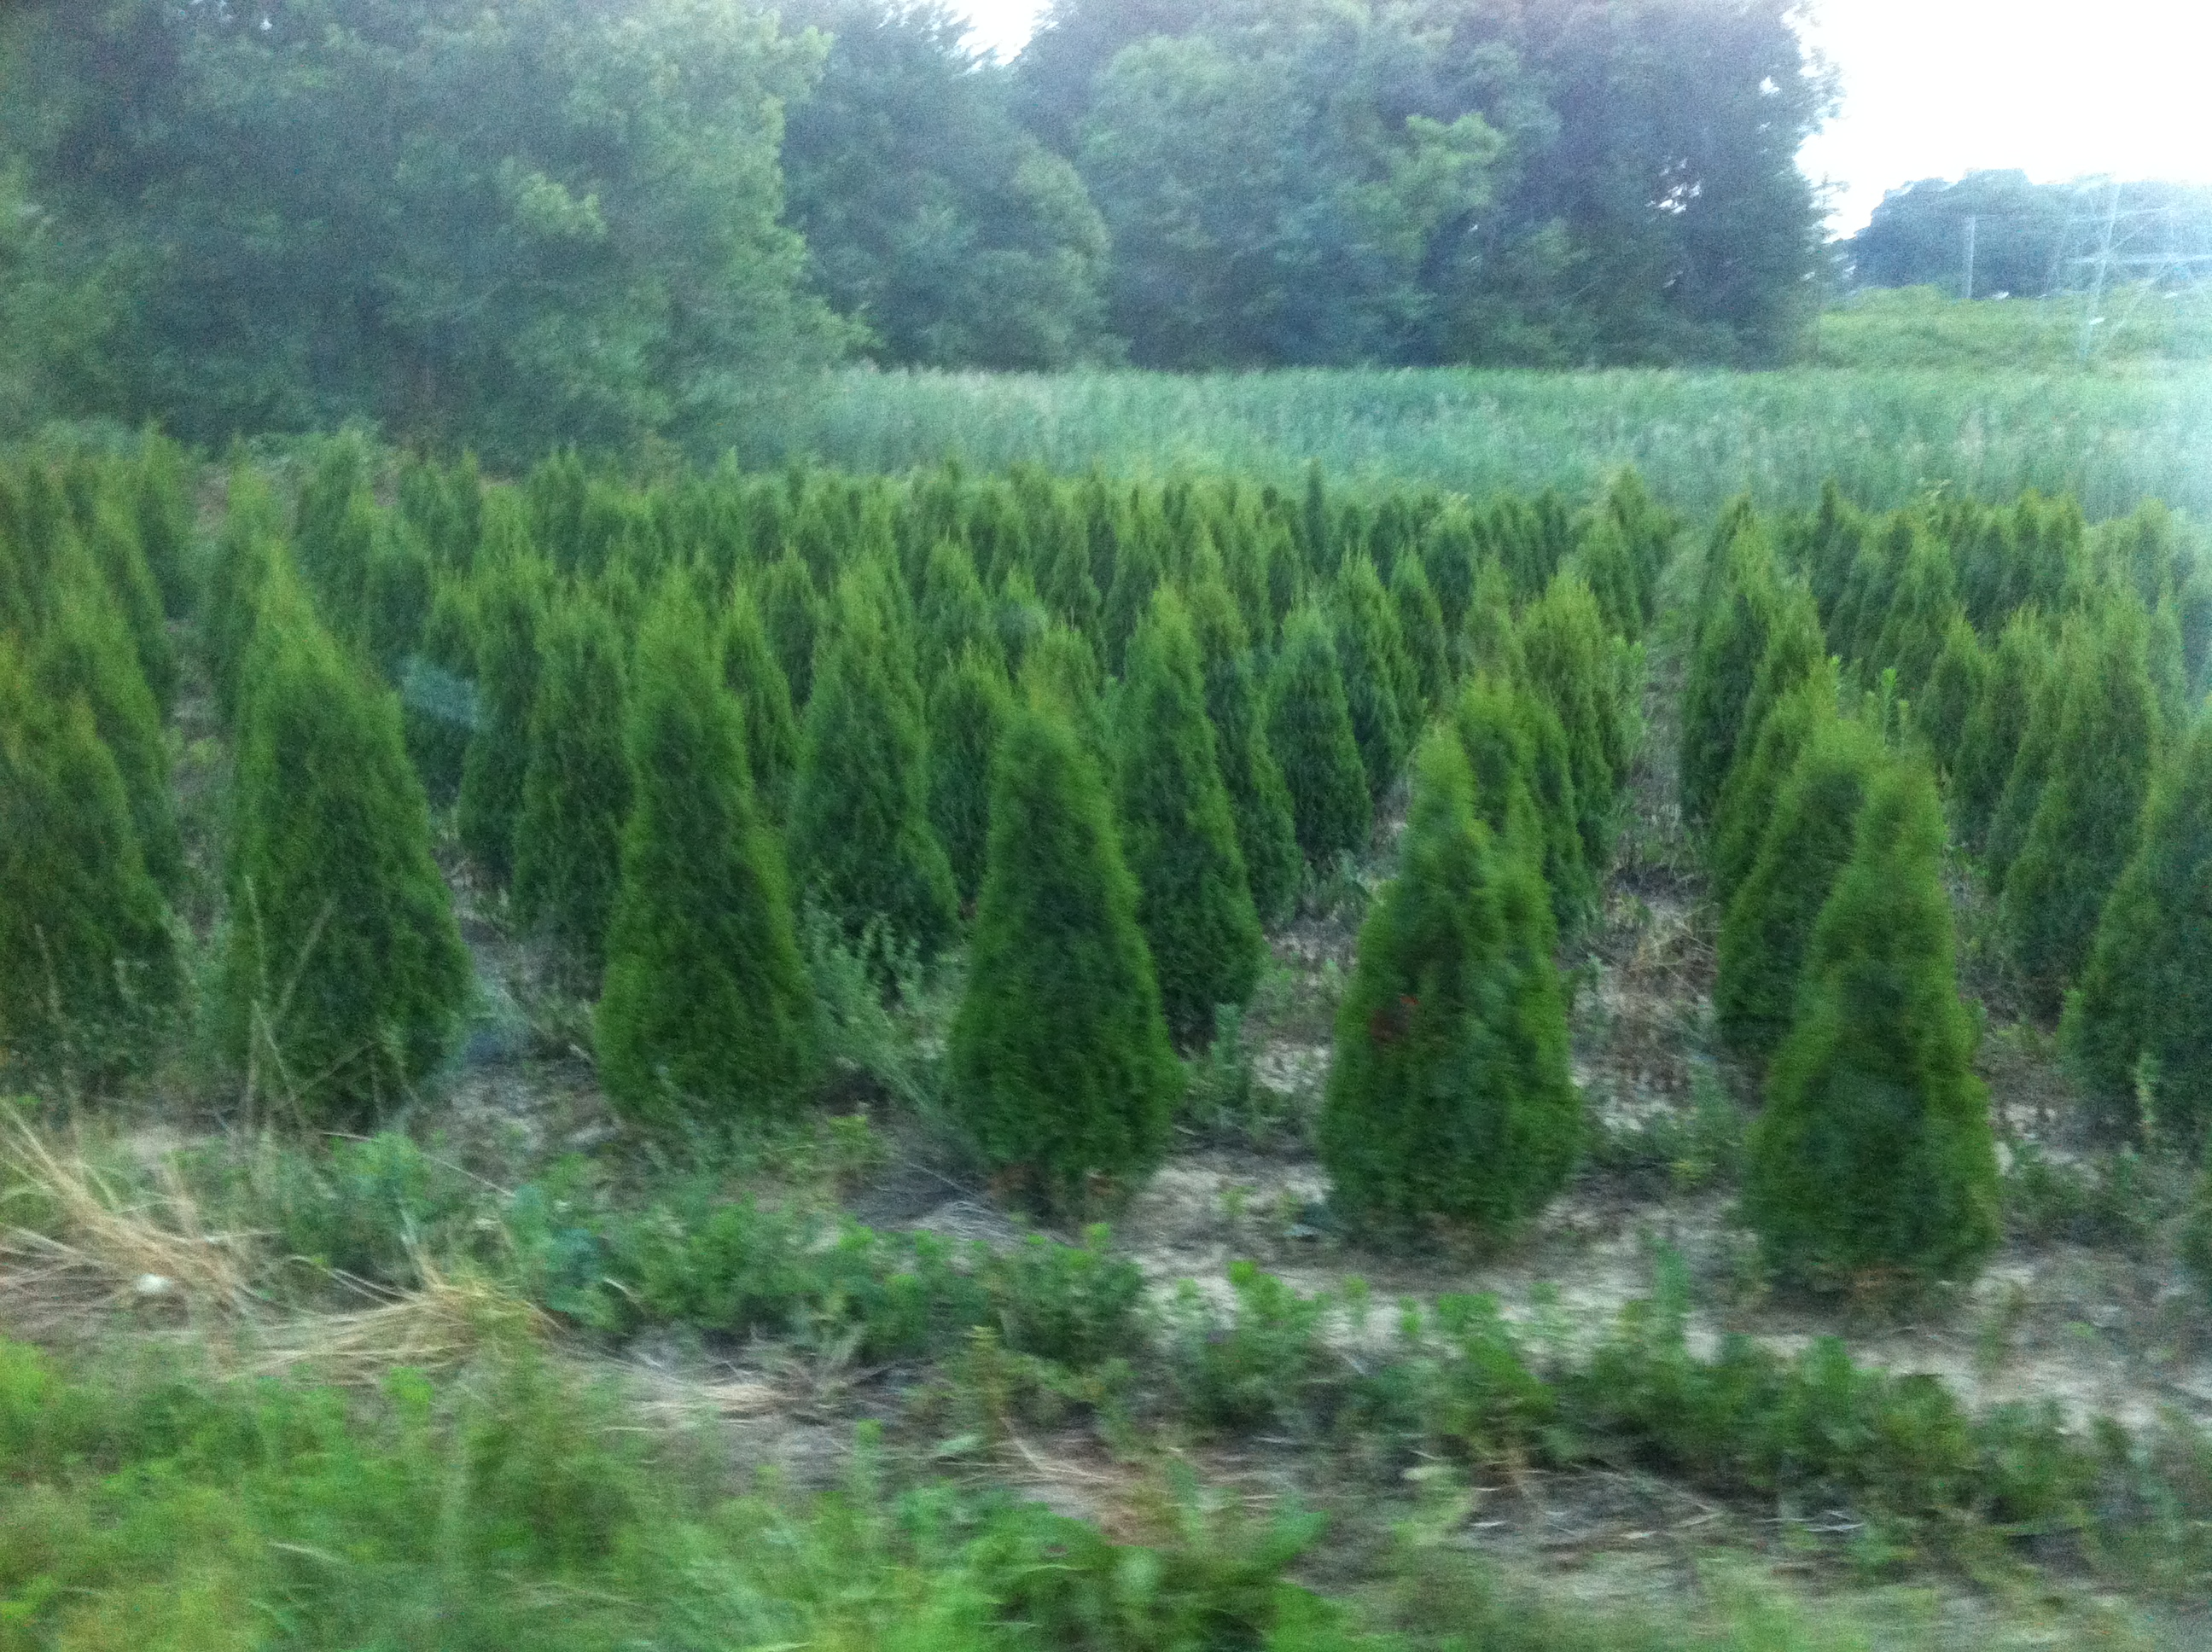 Evergreen Trees Clark Brothers Nursery